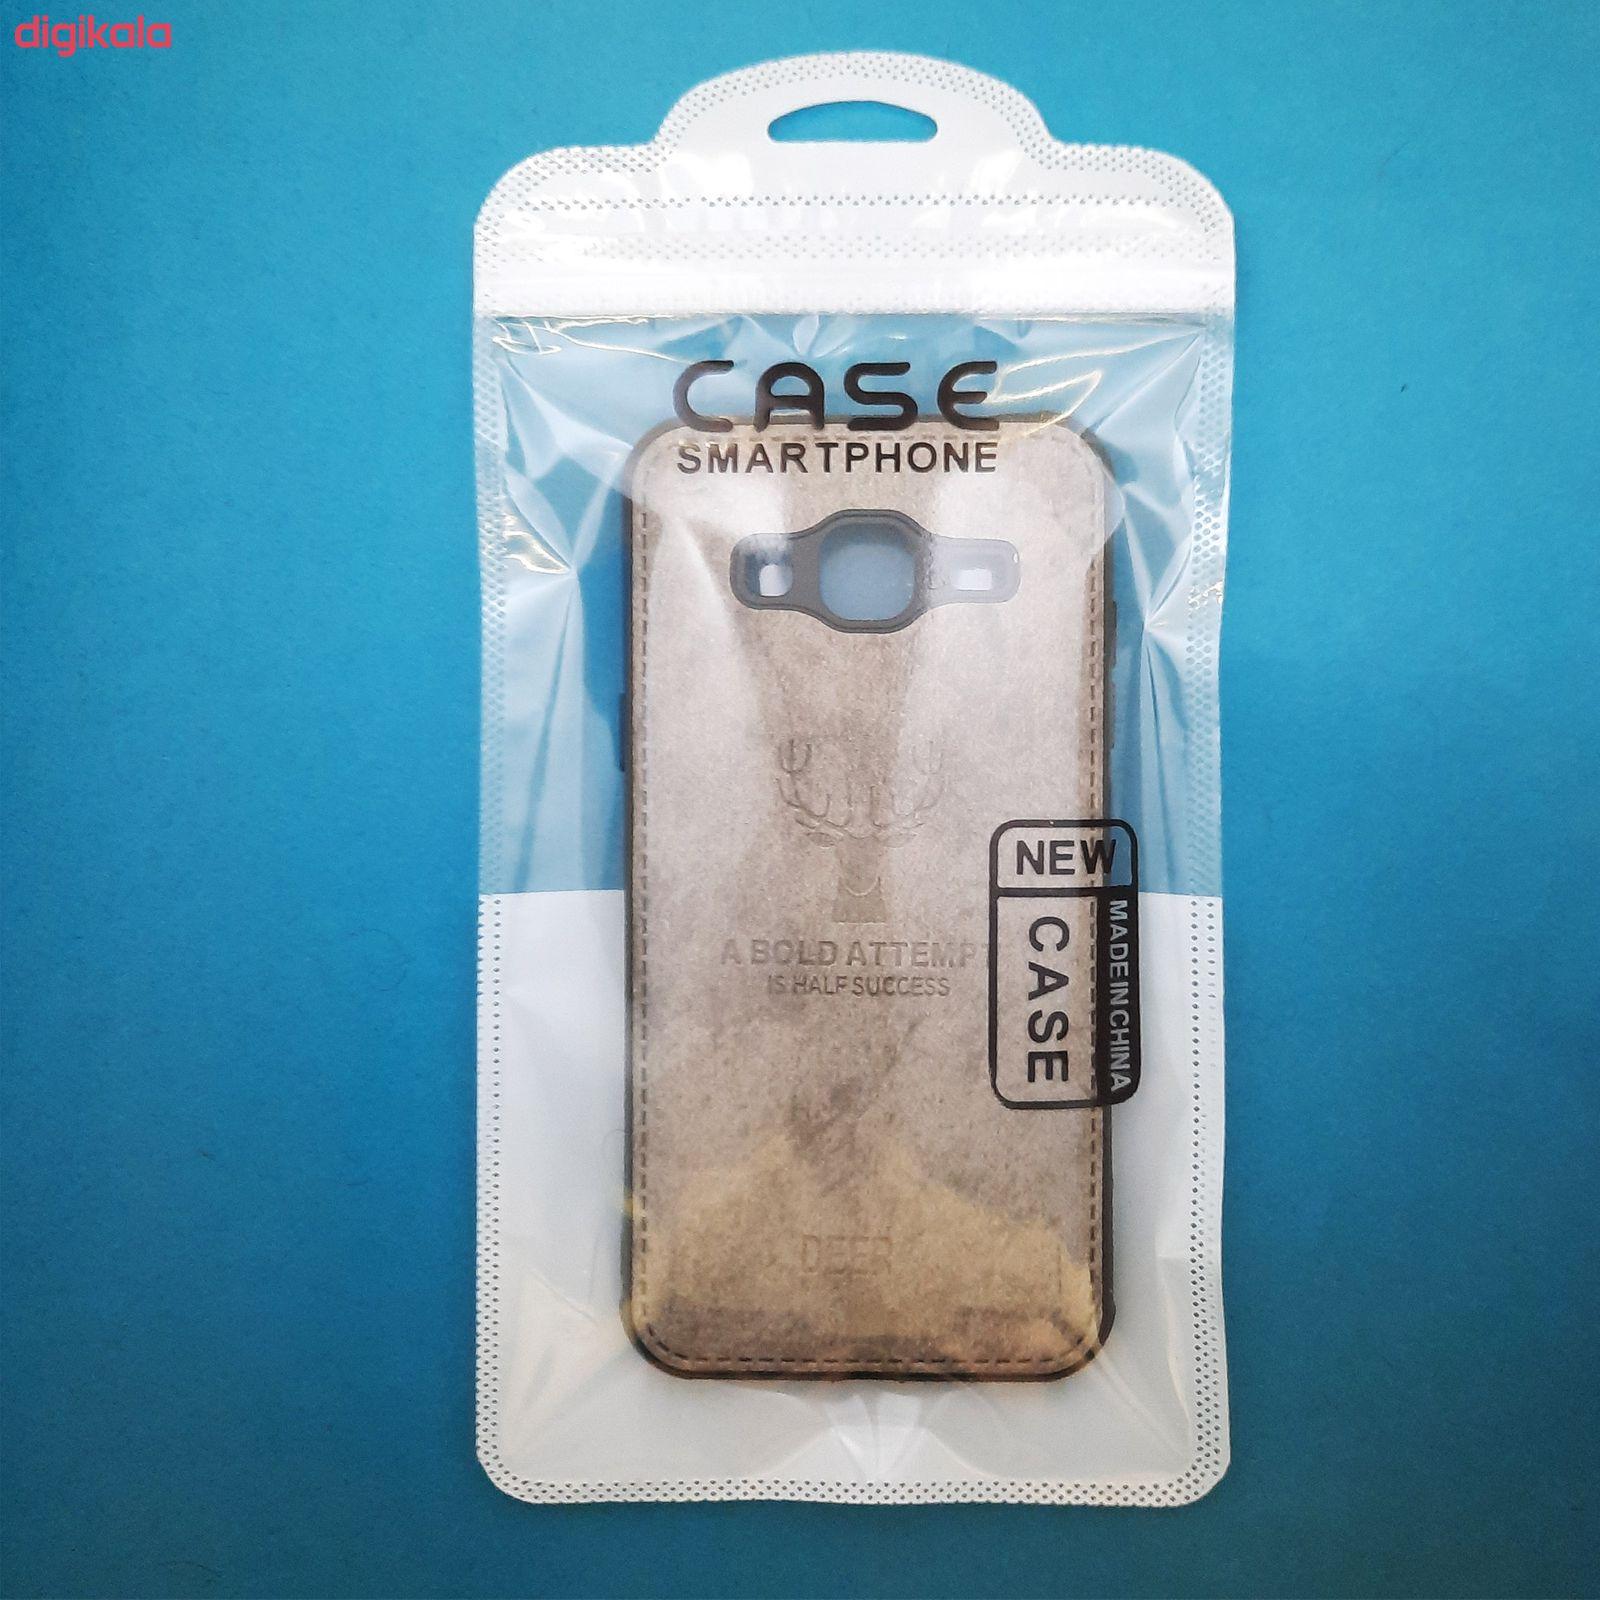 کاور مدل CO811 طرح گوزن مناسب برای گوشی موبایل سامسونگ Galaxy J2 Prime / G530 / Grand Prime main 1 7